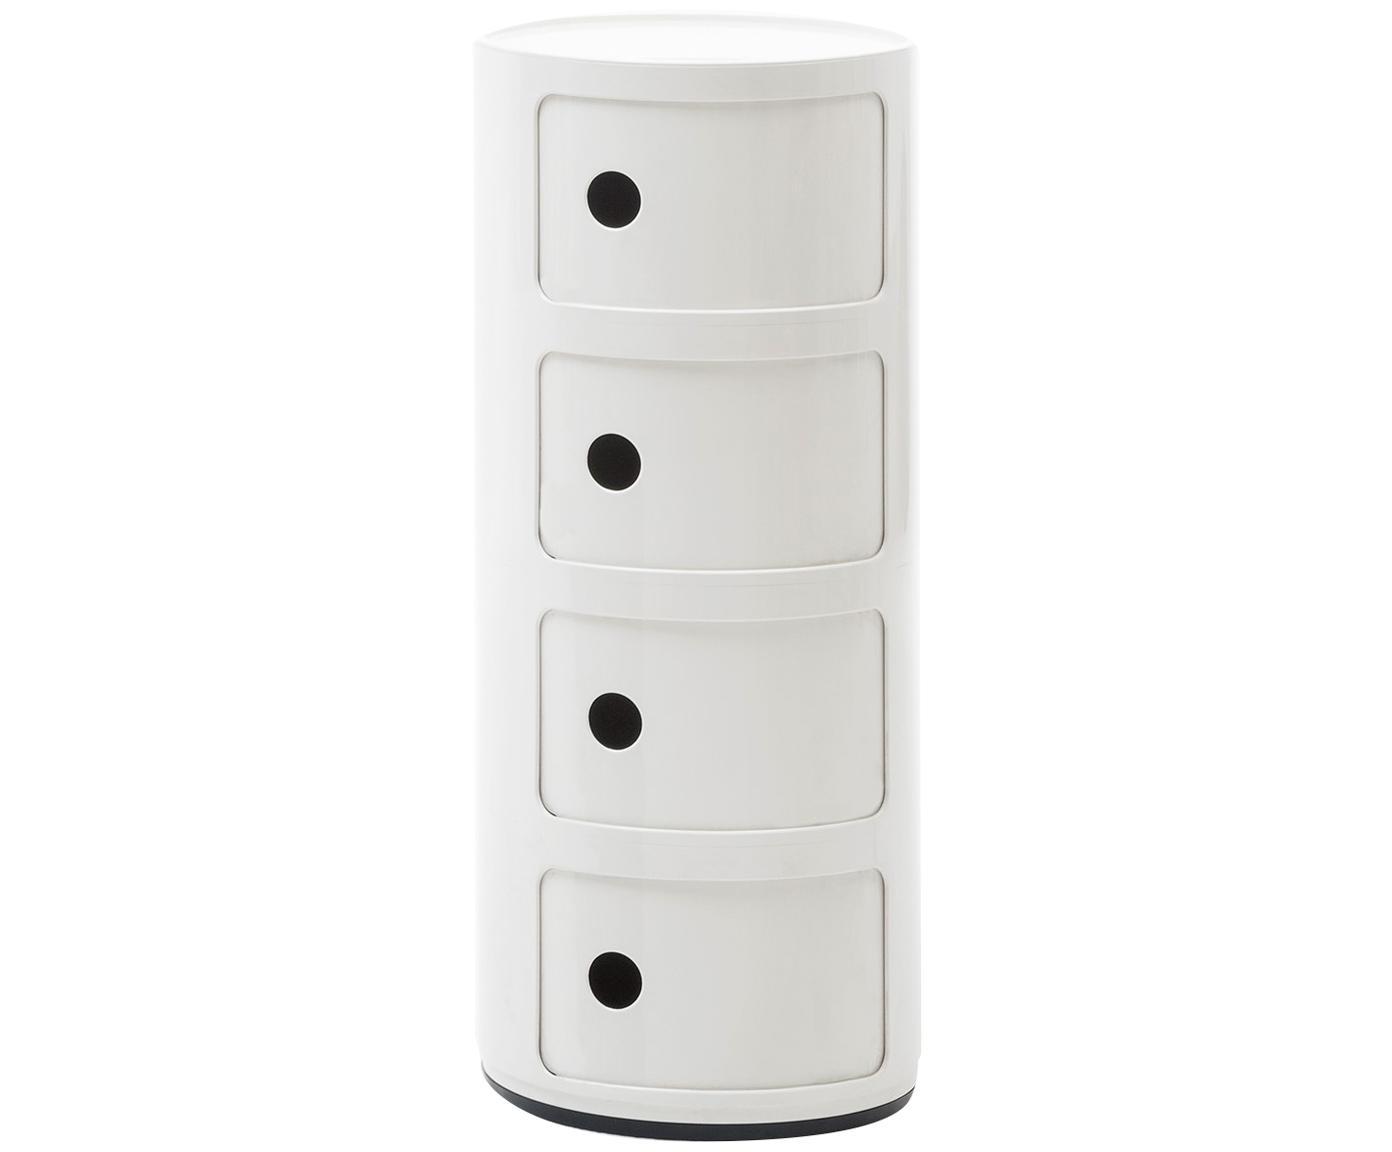 Comodino di design con cassetti Componibile, Materiale sintetico, Bianco, Ø 32 x Alt. 77 cm